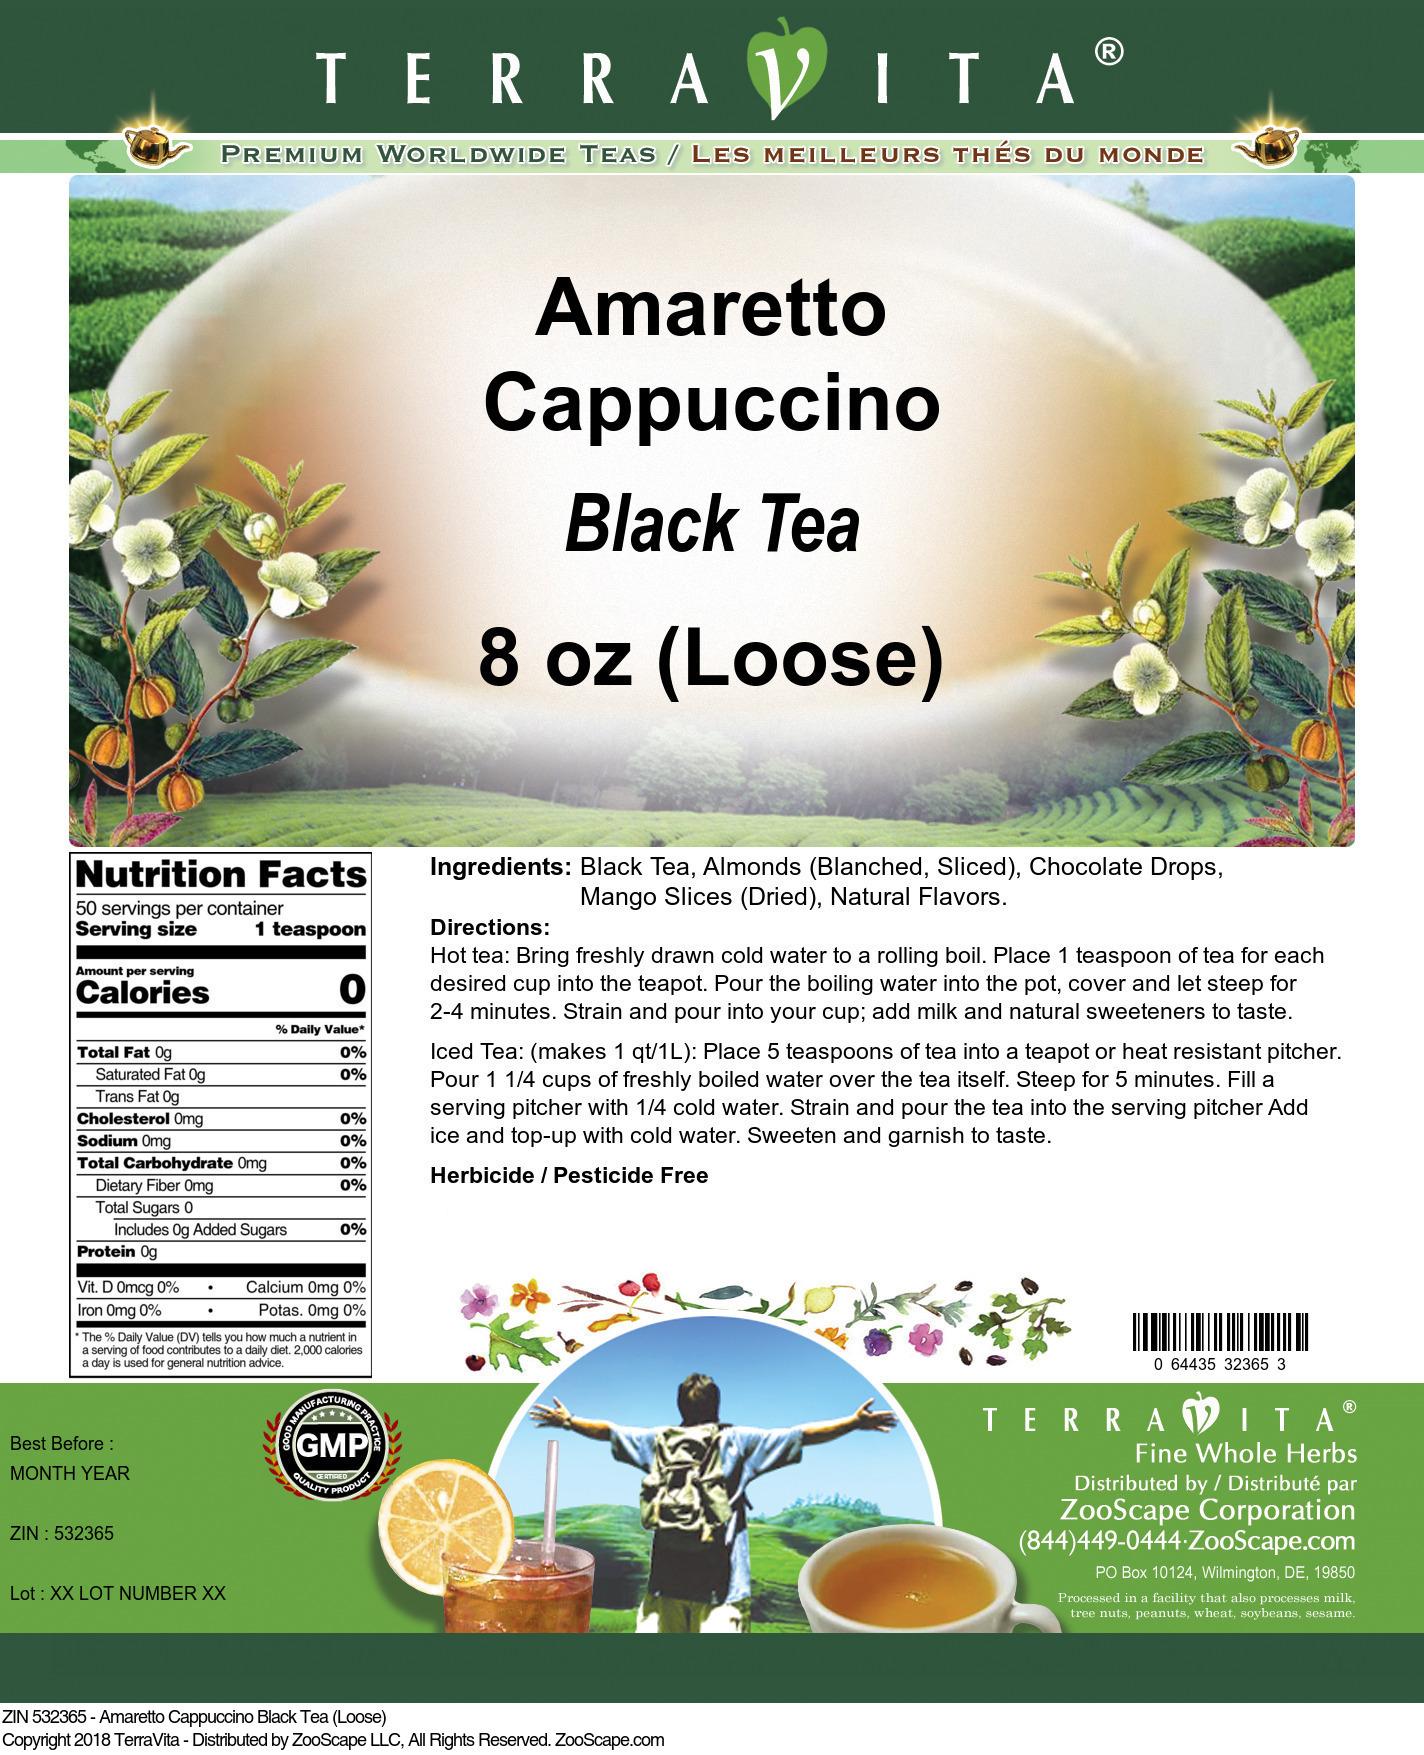 Amaretto Cappuccino Black Tea (Loose)